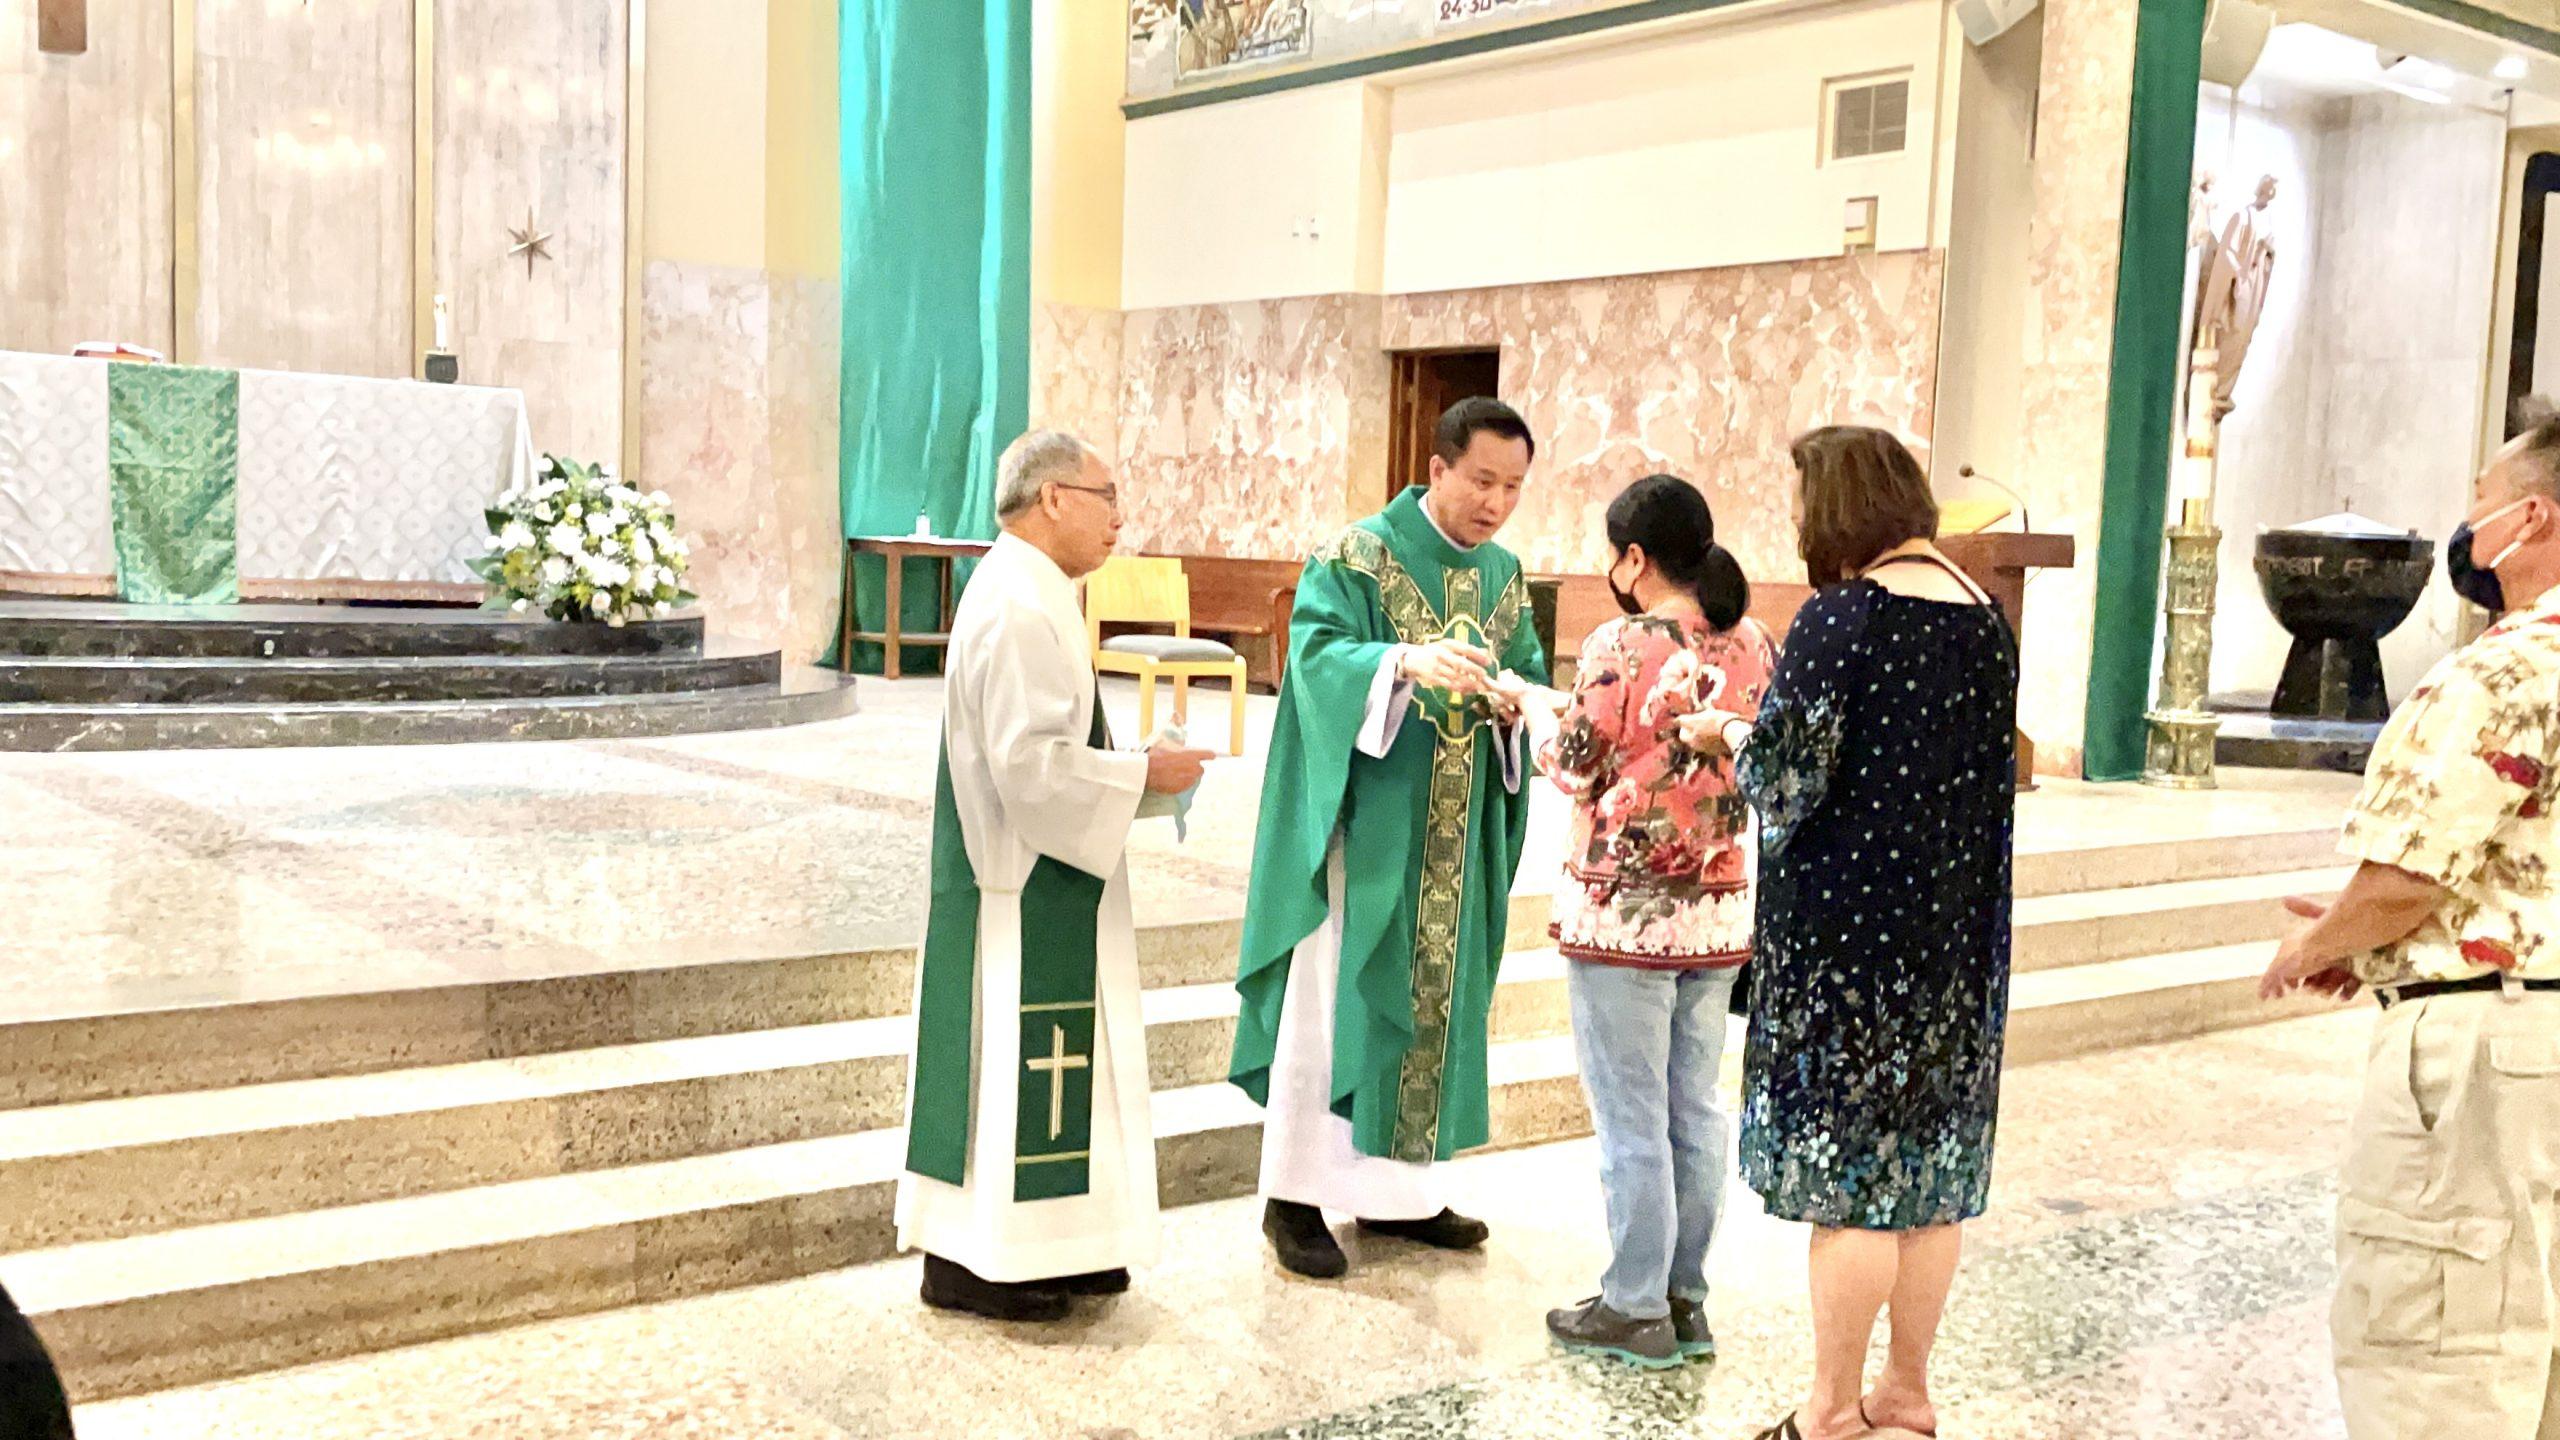 Ơn Chữa Lành các Giáo Dân Lớn Tuổi, Sắc lệnh Vatican